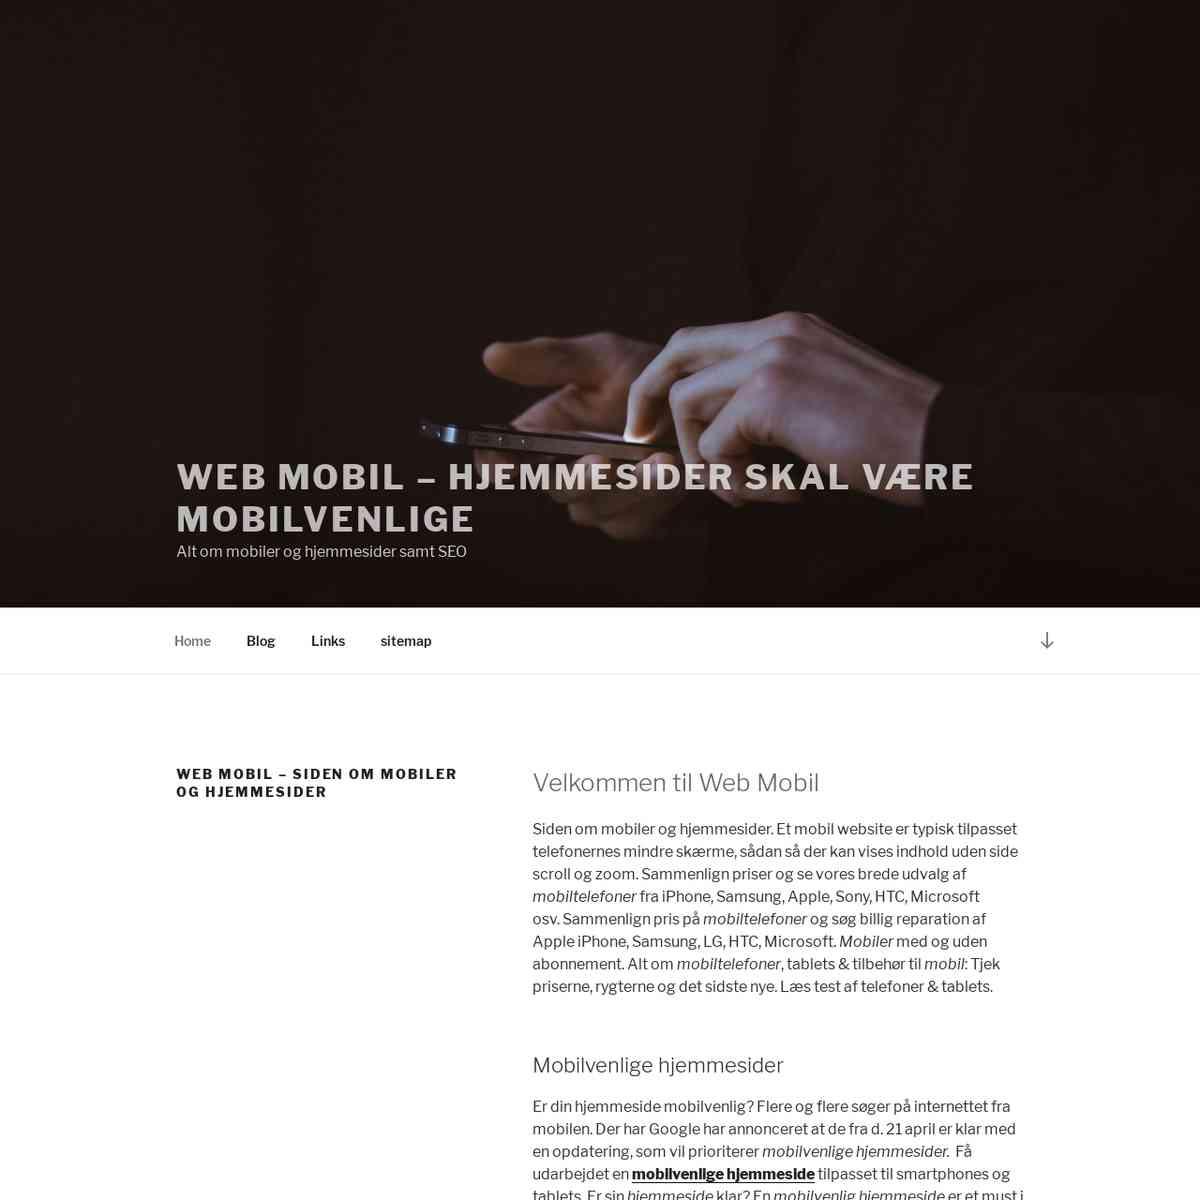 webmobil.dk